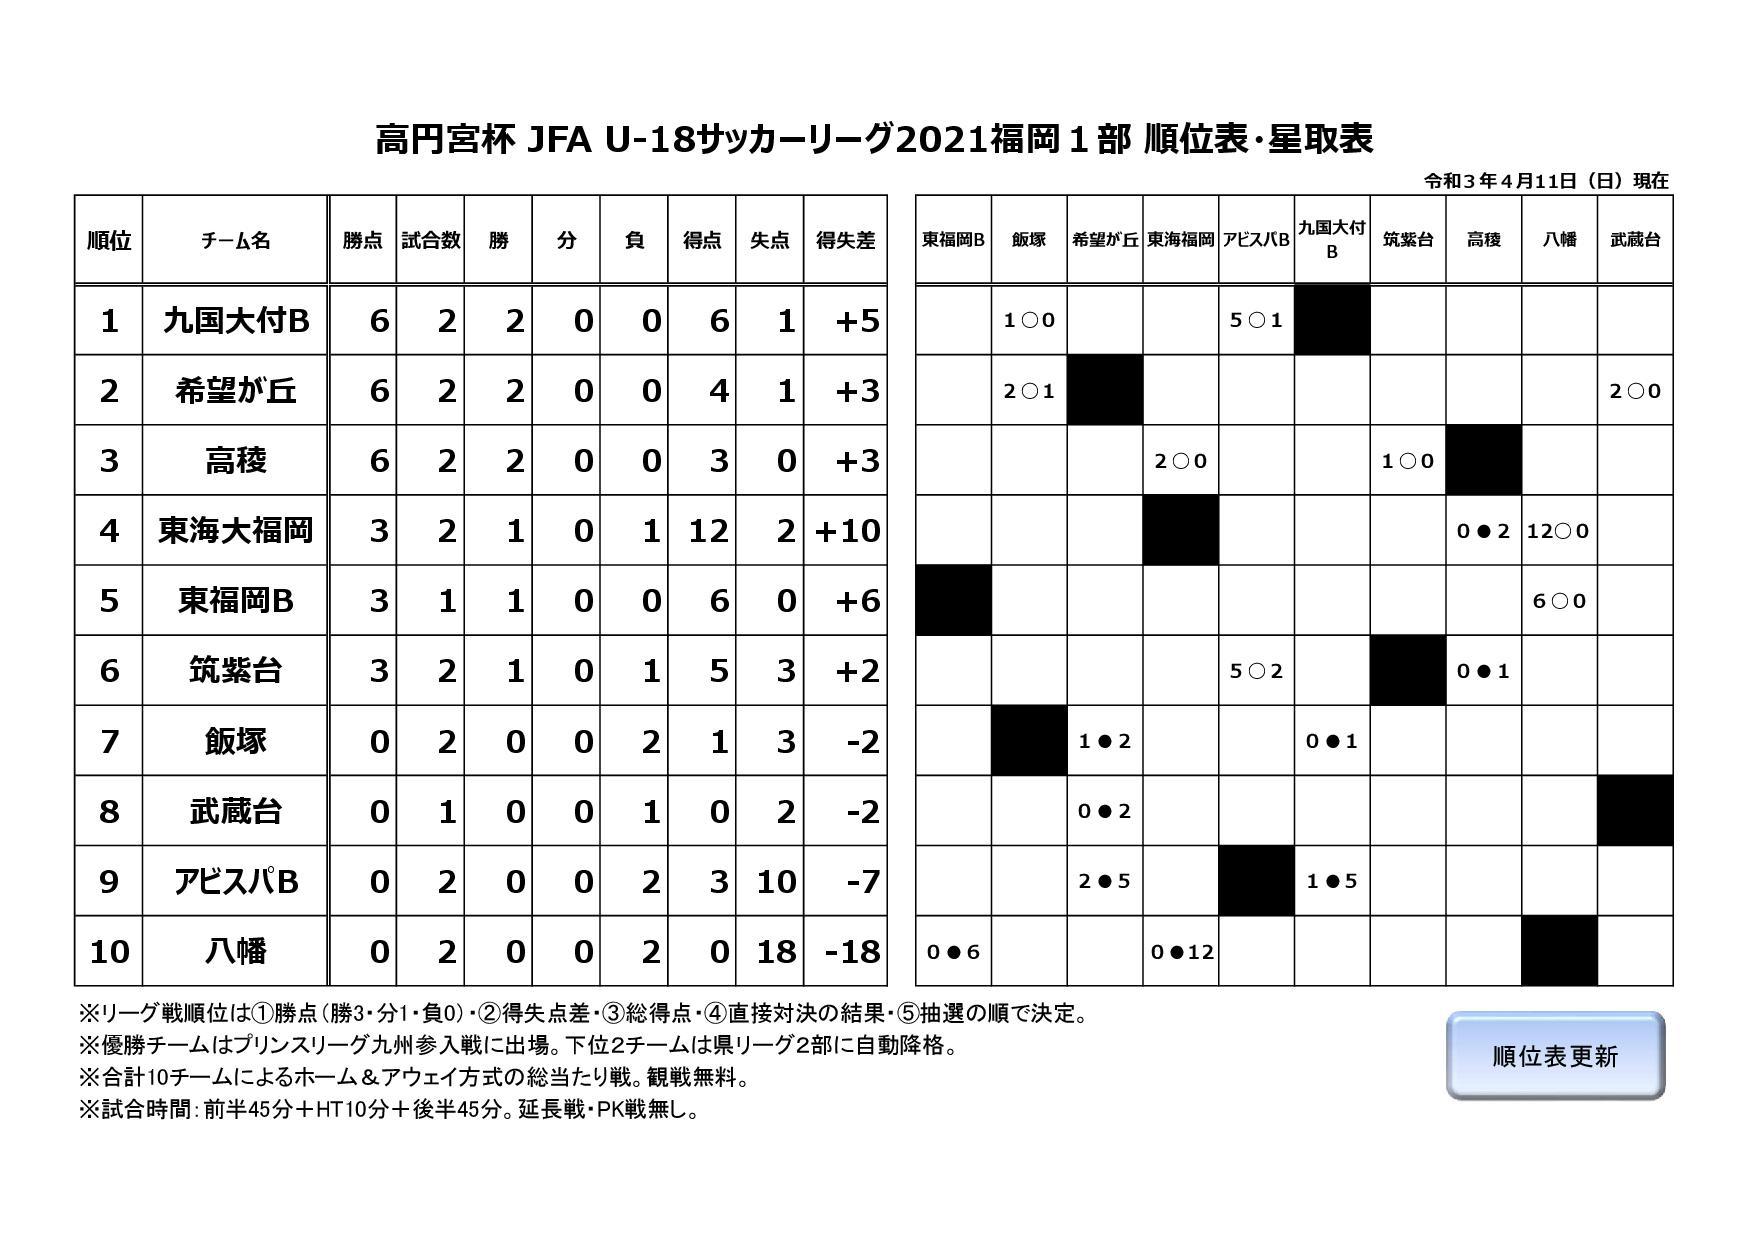 高円宮杯 JFA U-18サッカーリーグ2021福岡1部